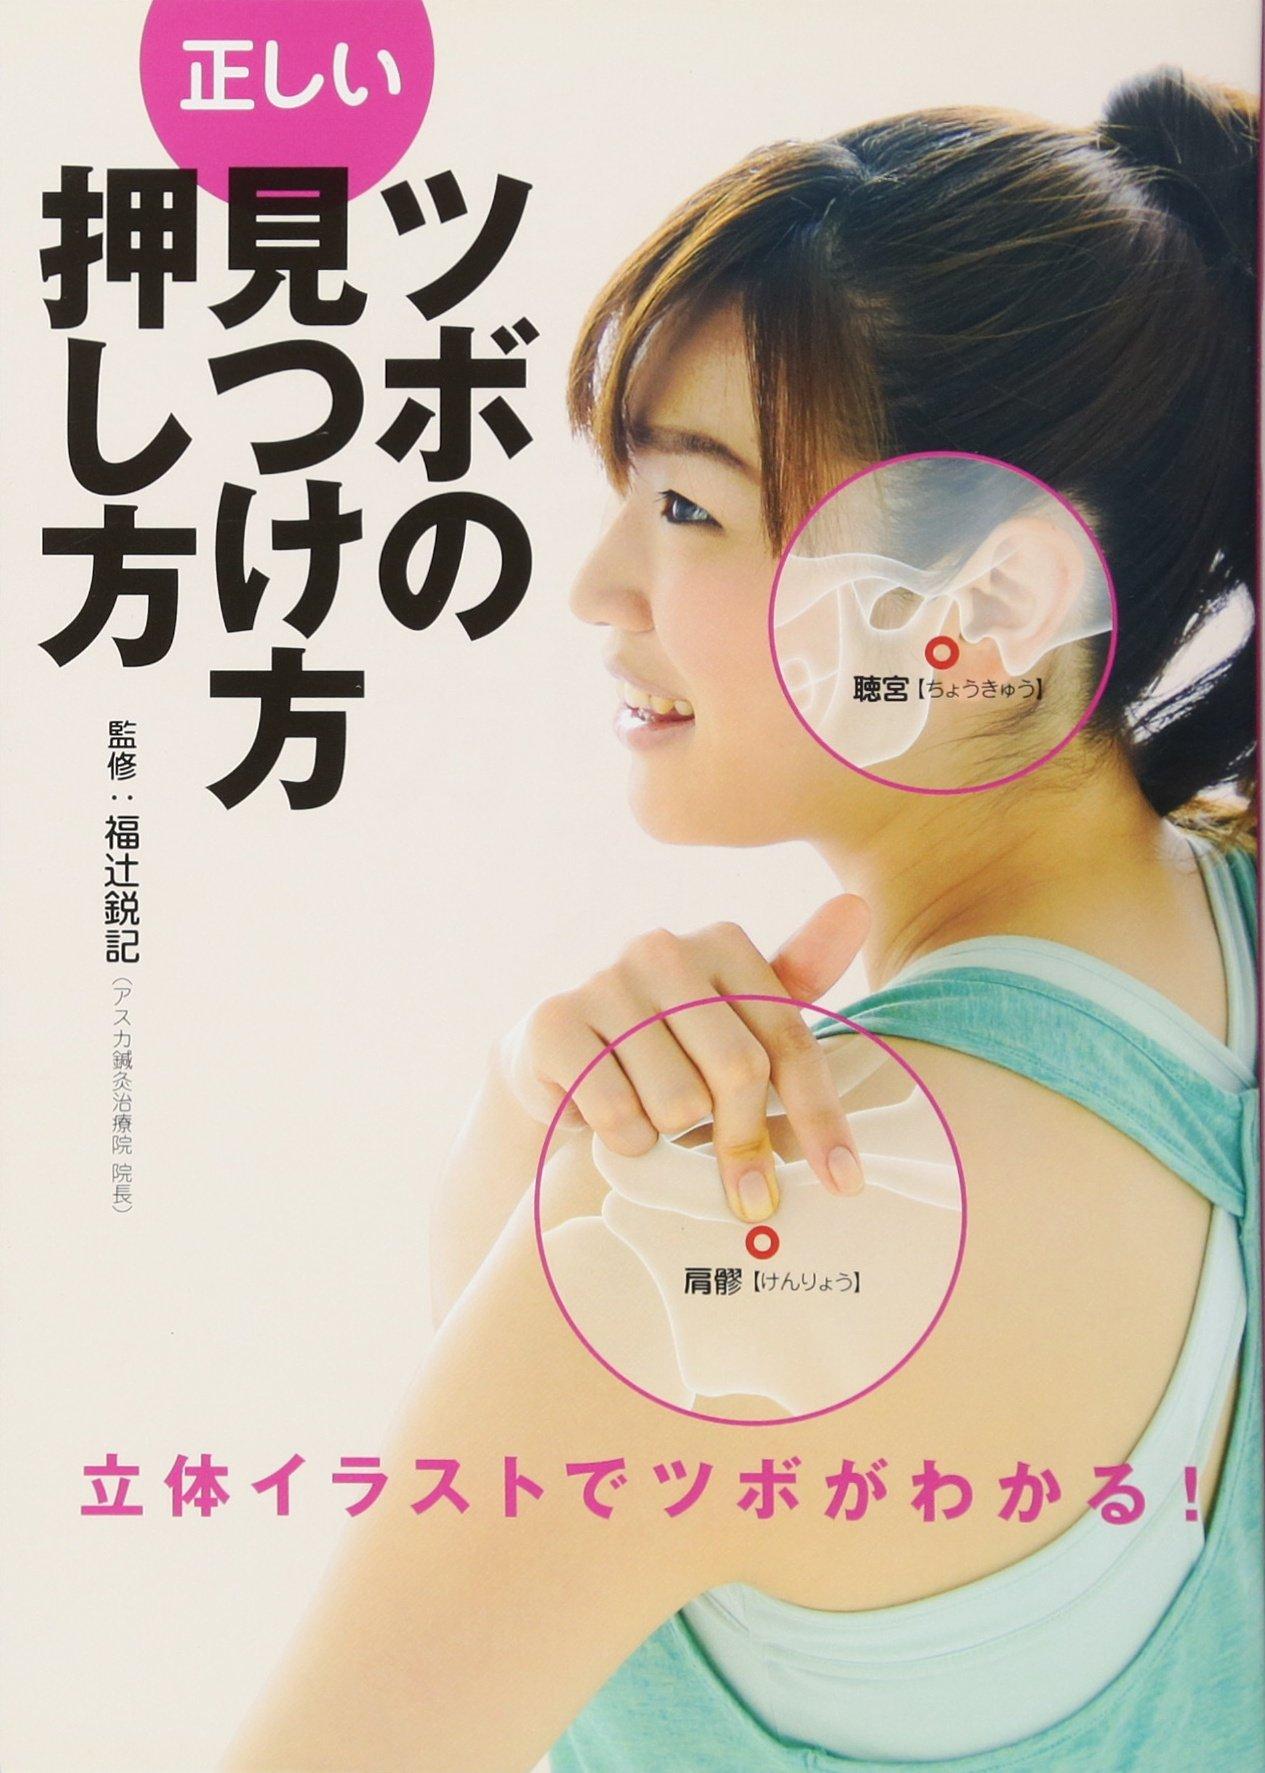 Tadashii tsubo no mitsukekata oshikata : Rittai irasuto de tsubo ga wakaru pdf